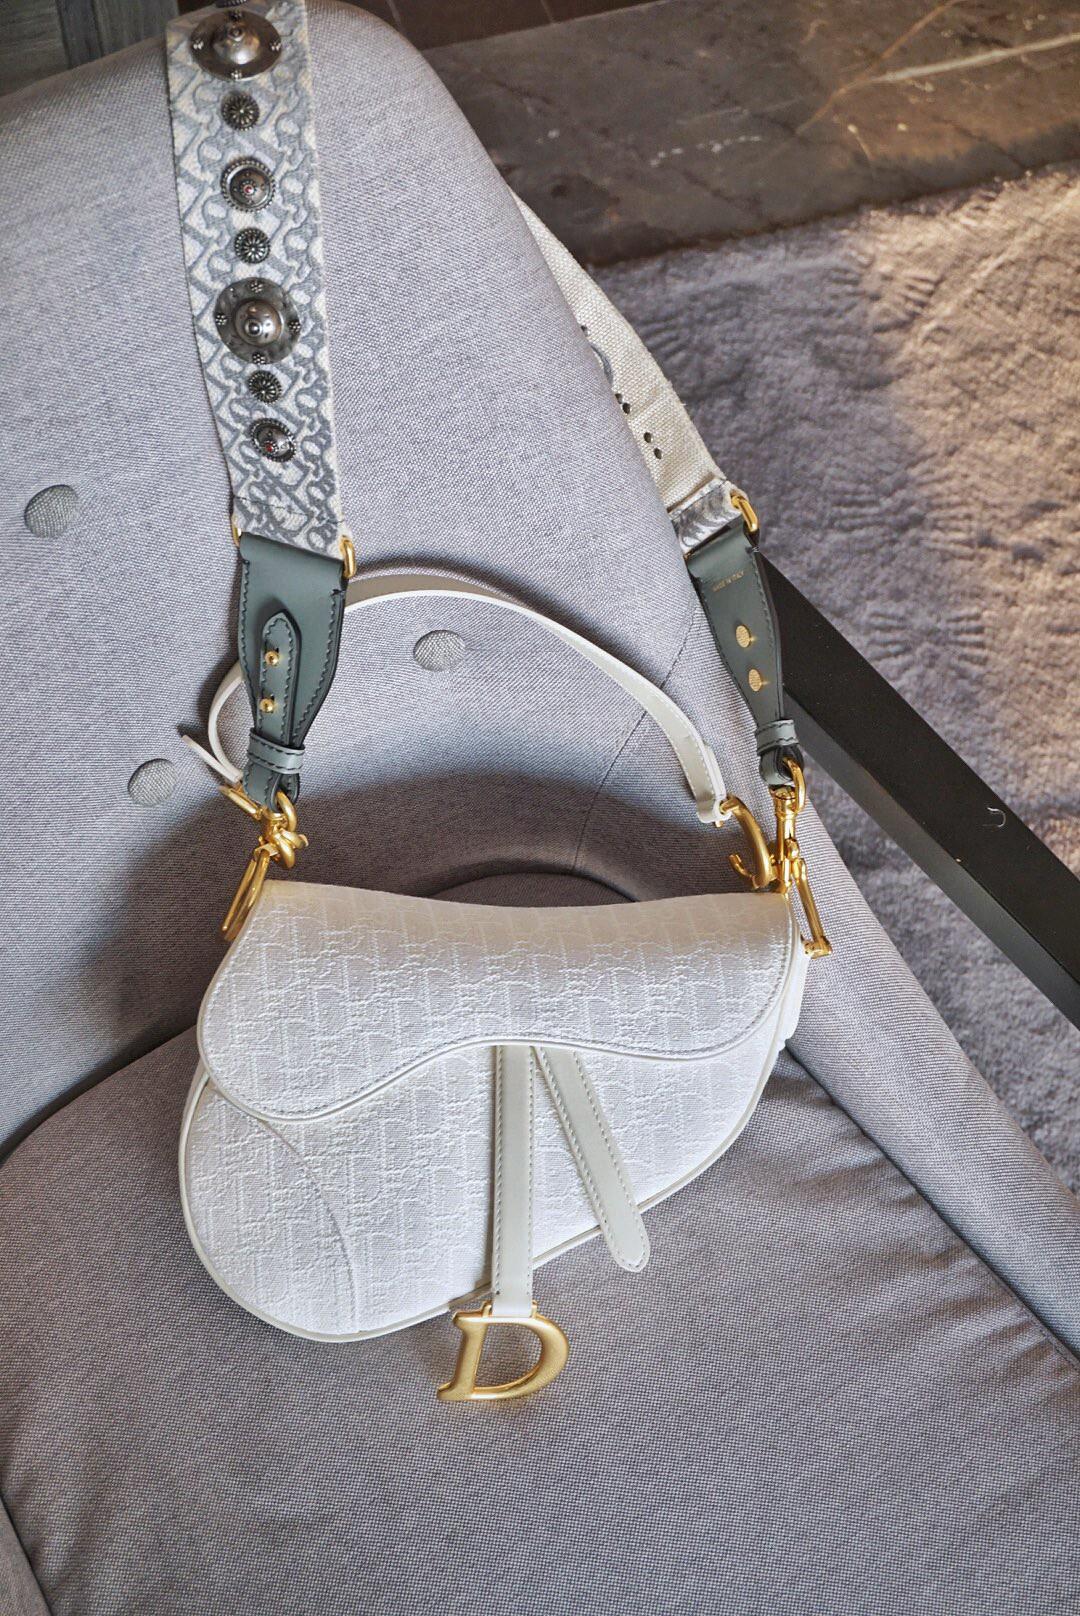 Dior 迪奥 马鞍包 布纹白 大号 25.5cm潮流周而复始